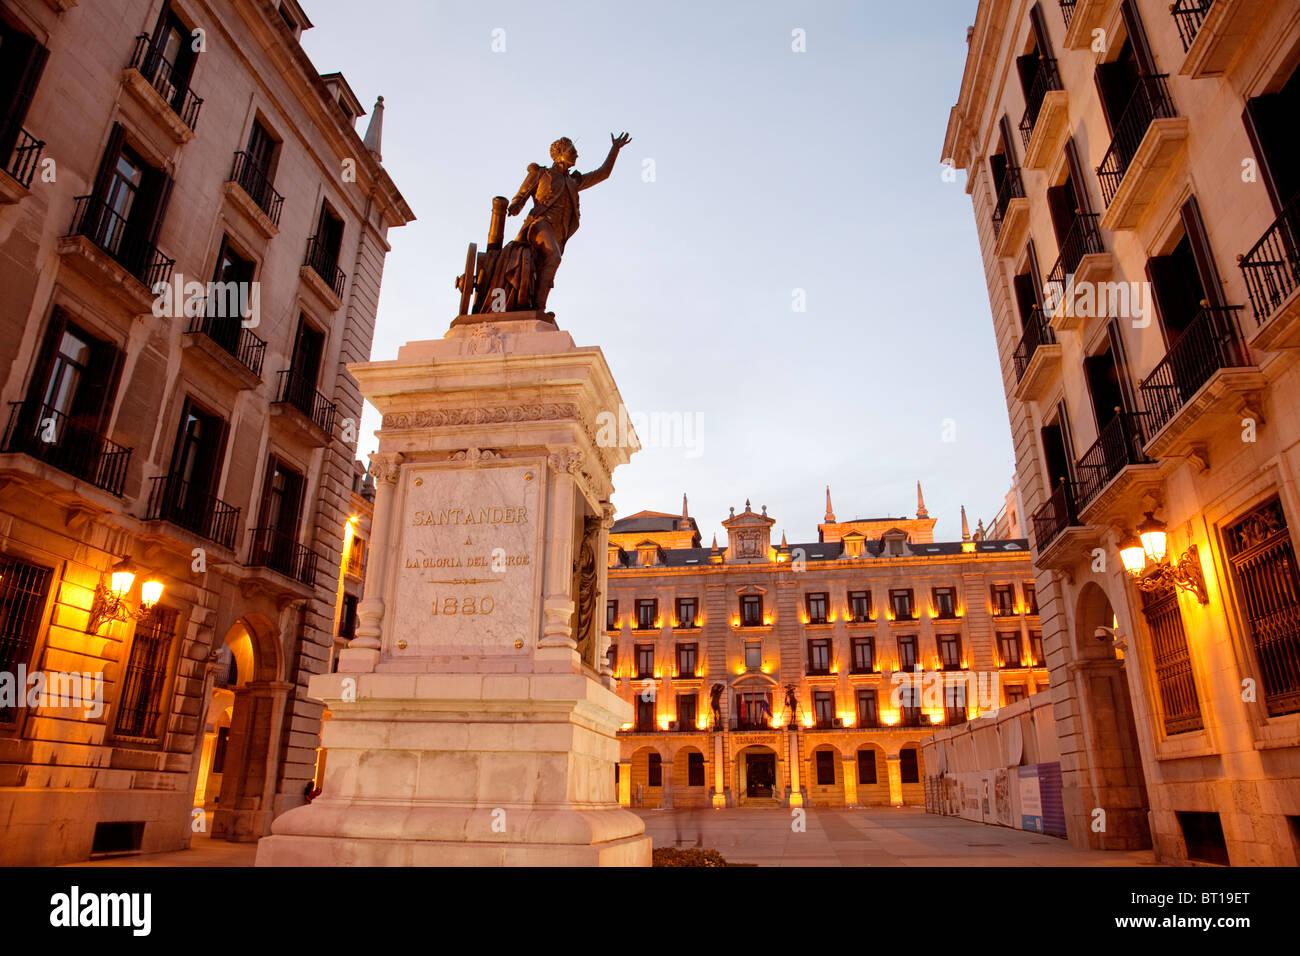 Plaza Porticada en el centro histórico de Santander Cantabria España arcaded square historic center Santander - Stock Image